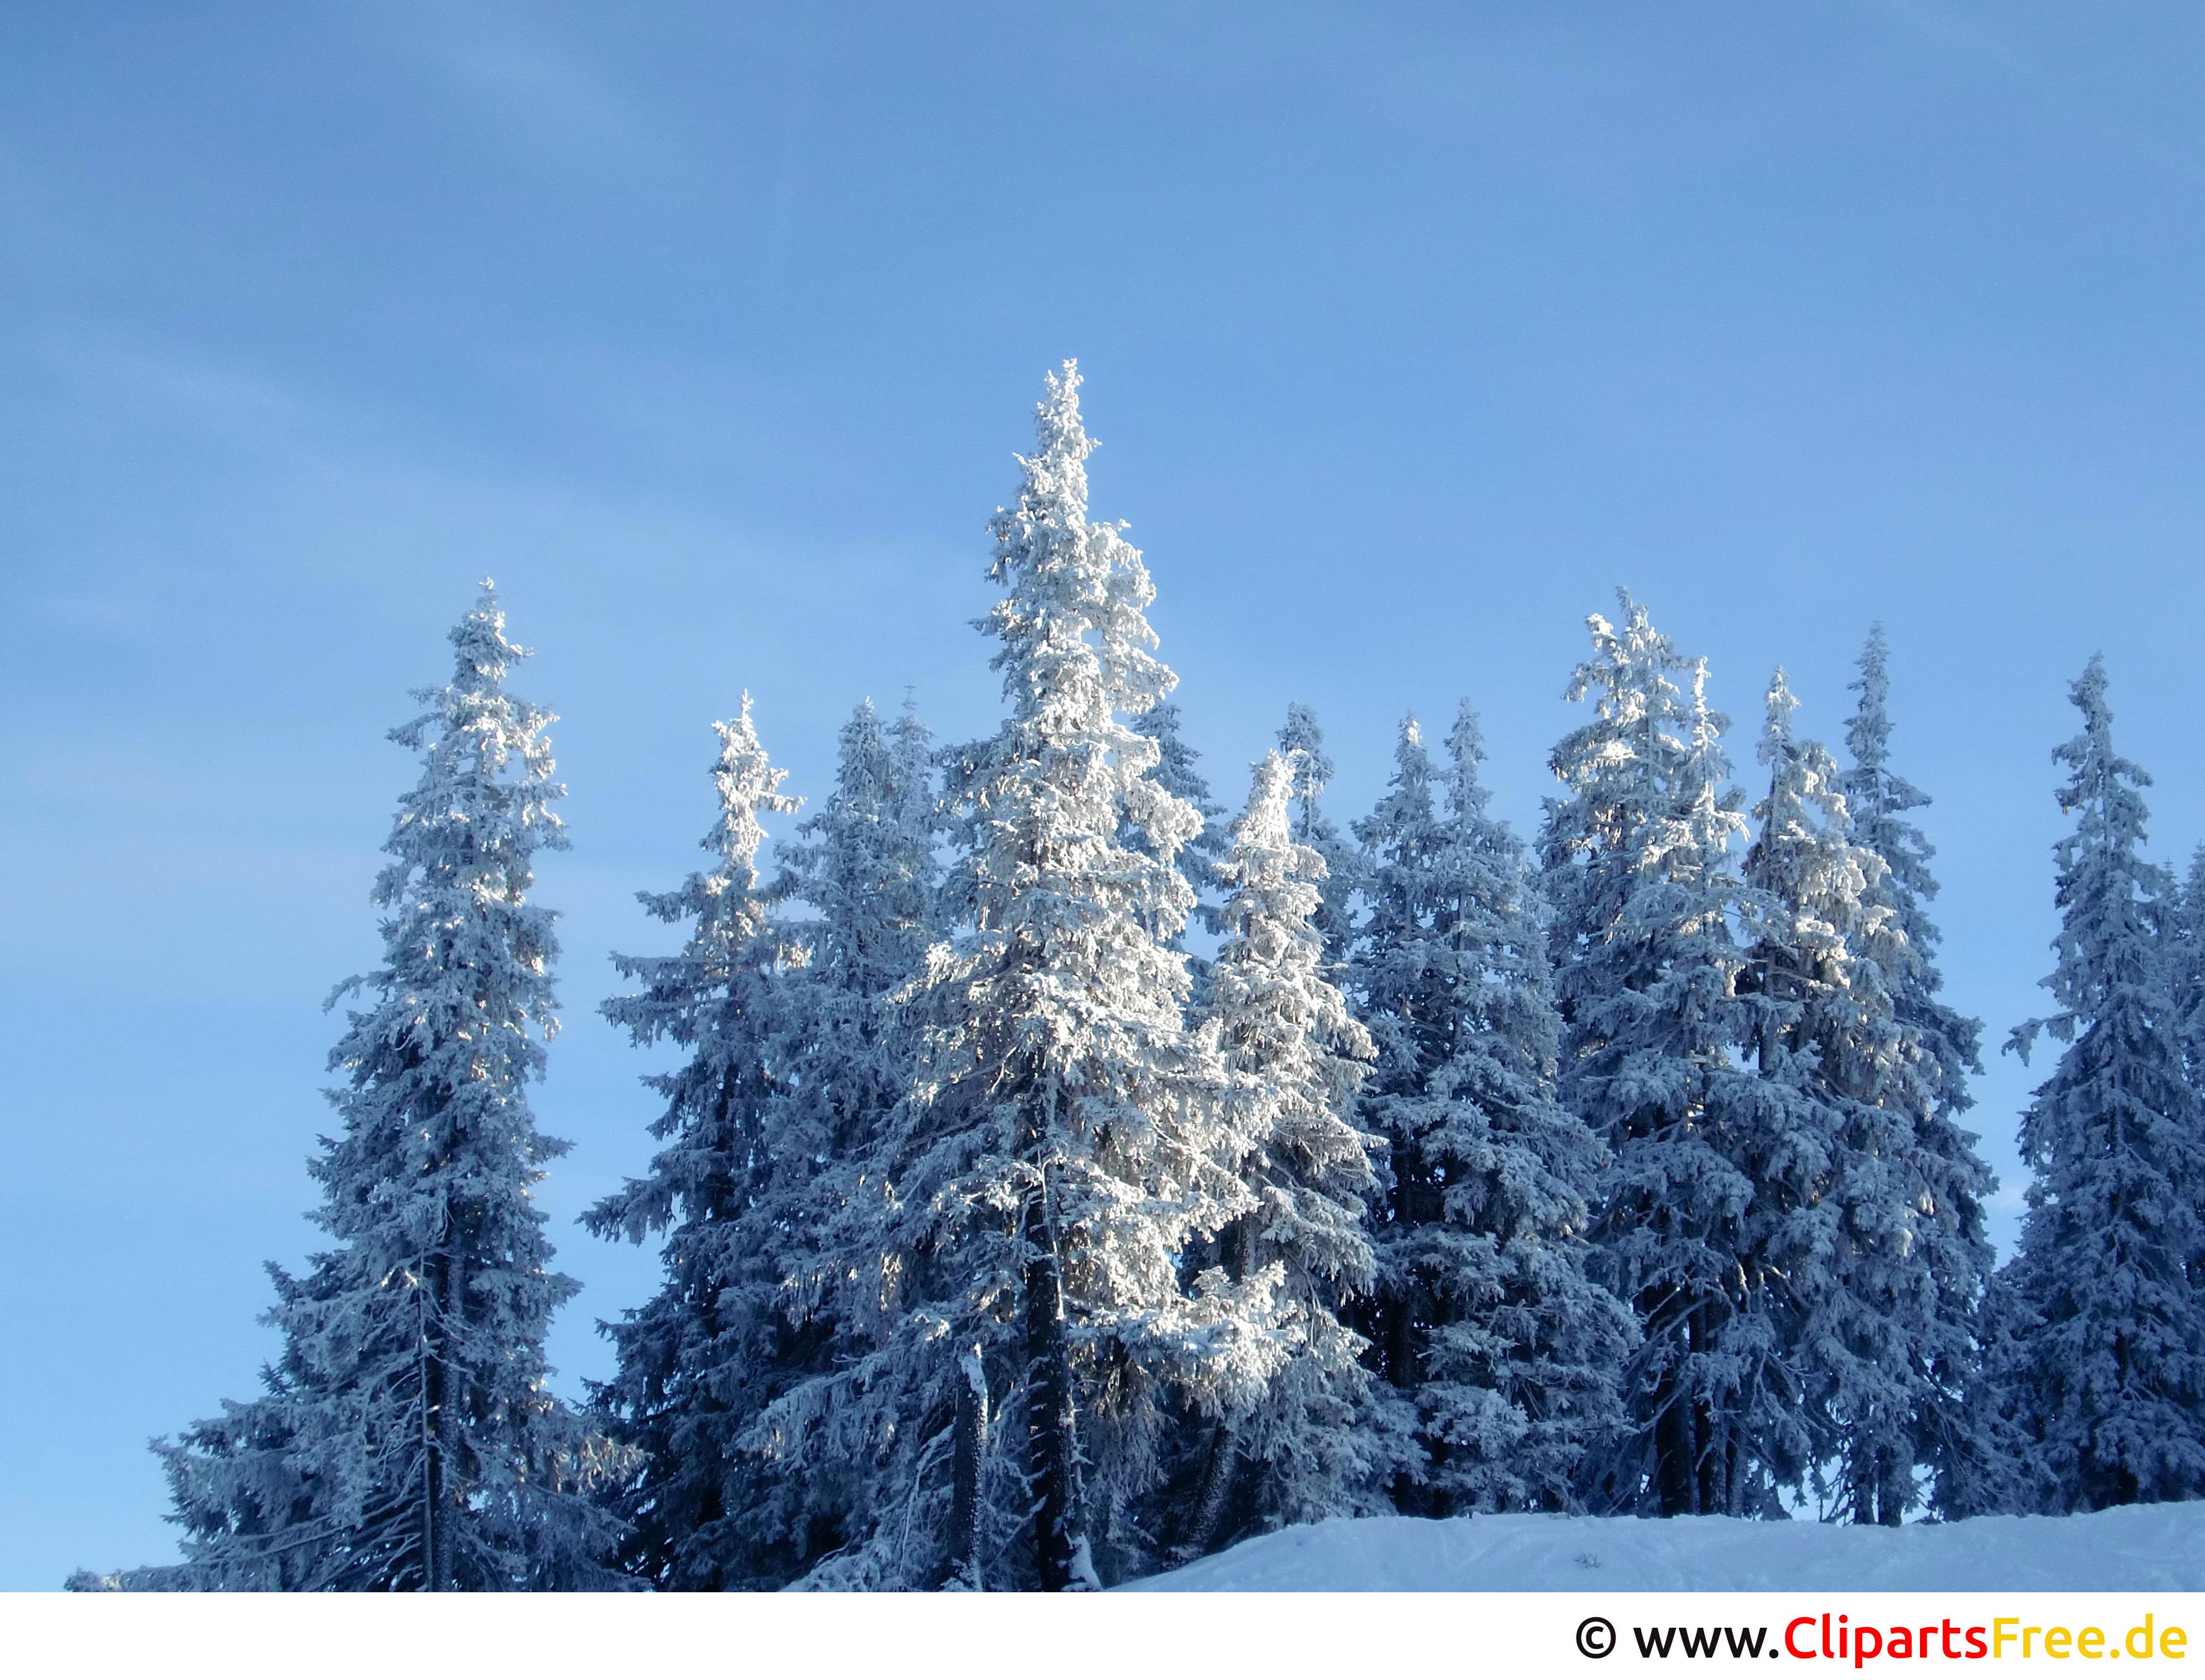 Tannenbäume mit Schnee bedeckt Foto kostenlos